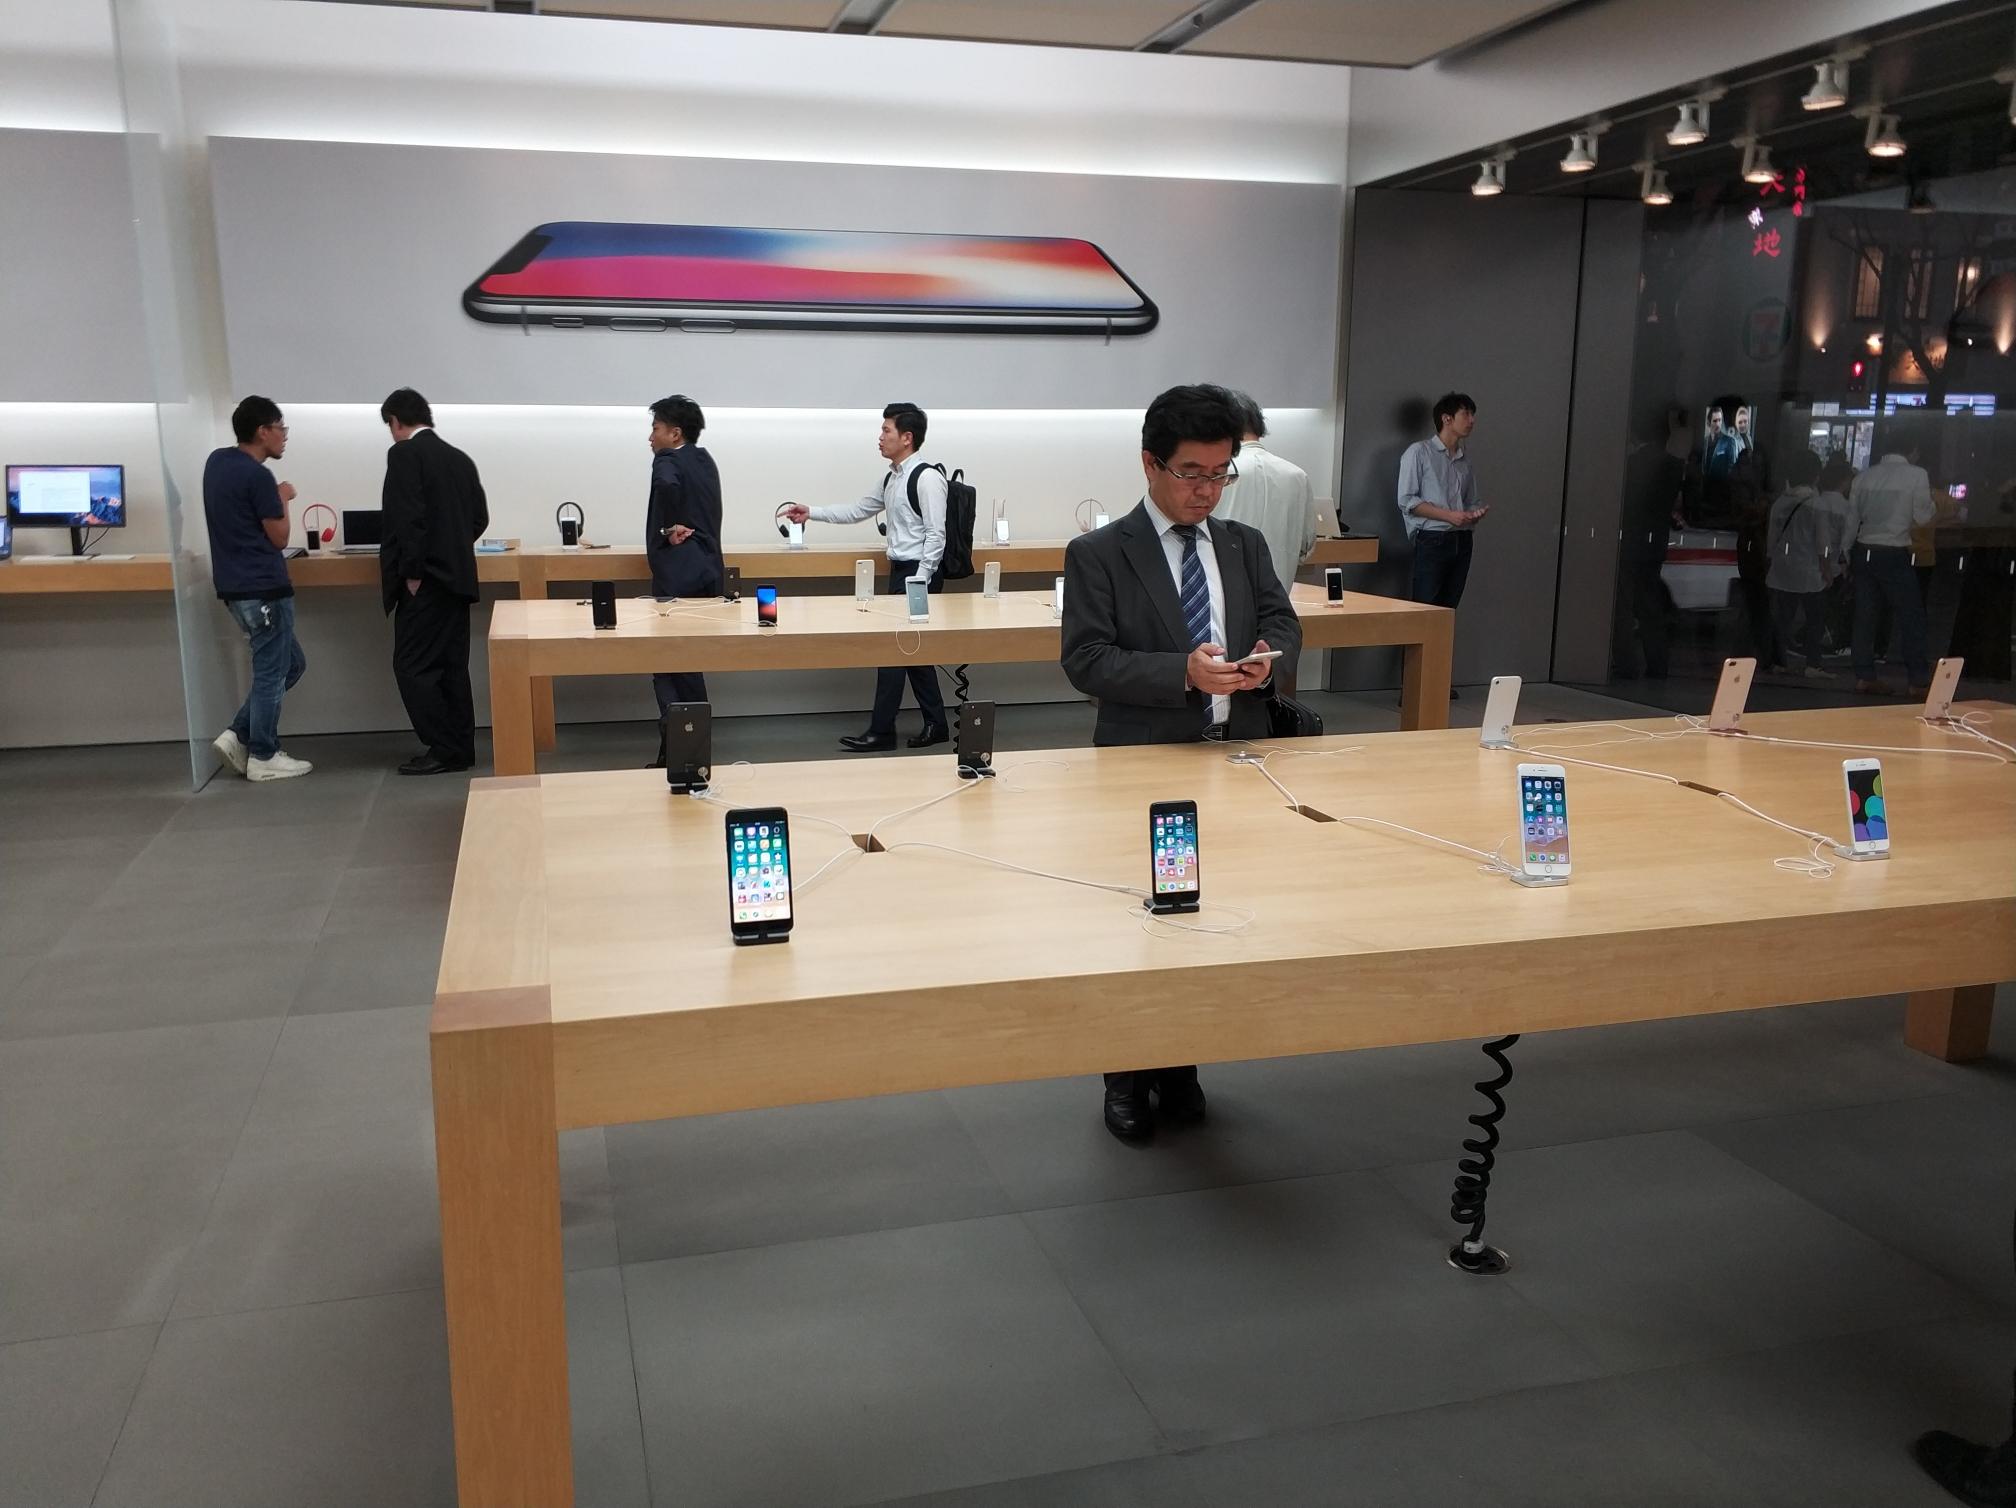 조금은 미묘, 아이폰8의 색상들